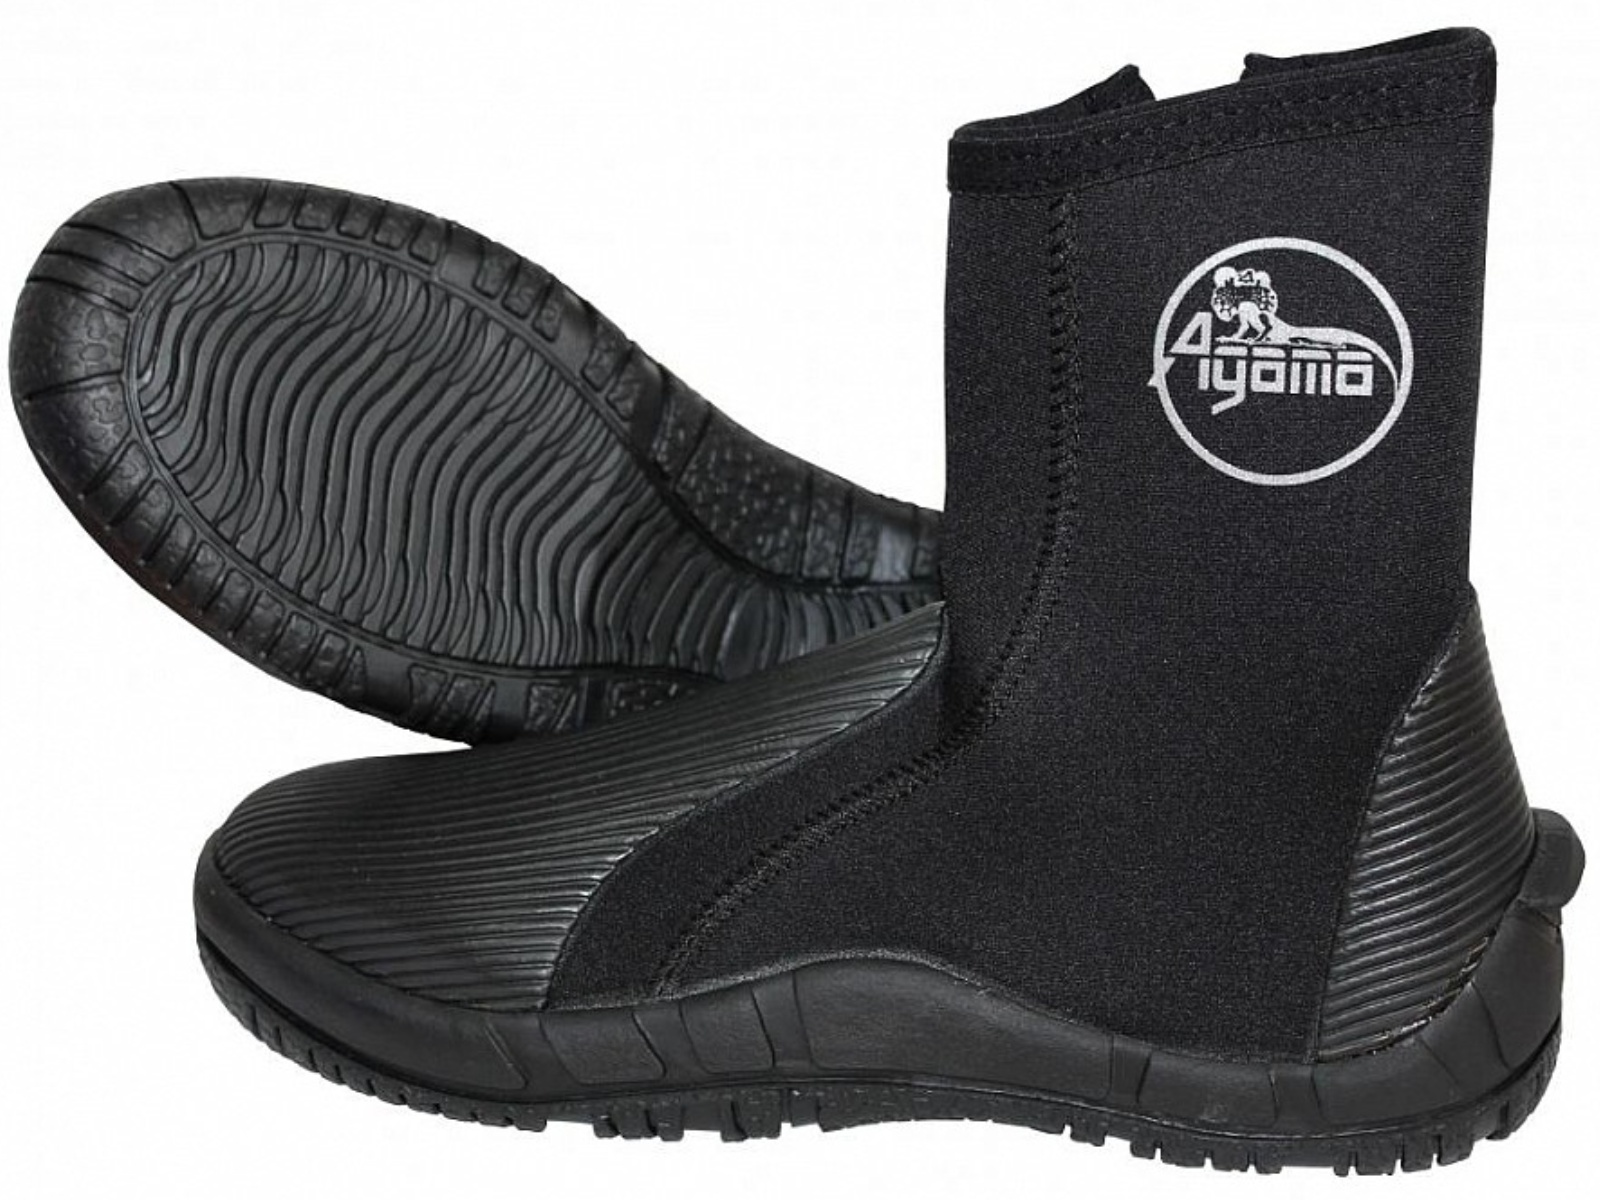 Neoprenové boty AGAMA Warcraft 5 mm - vel. 48